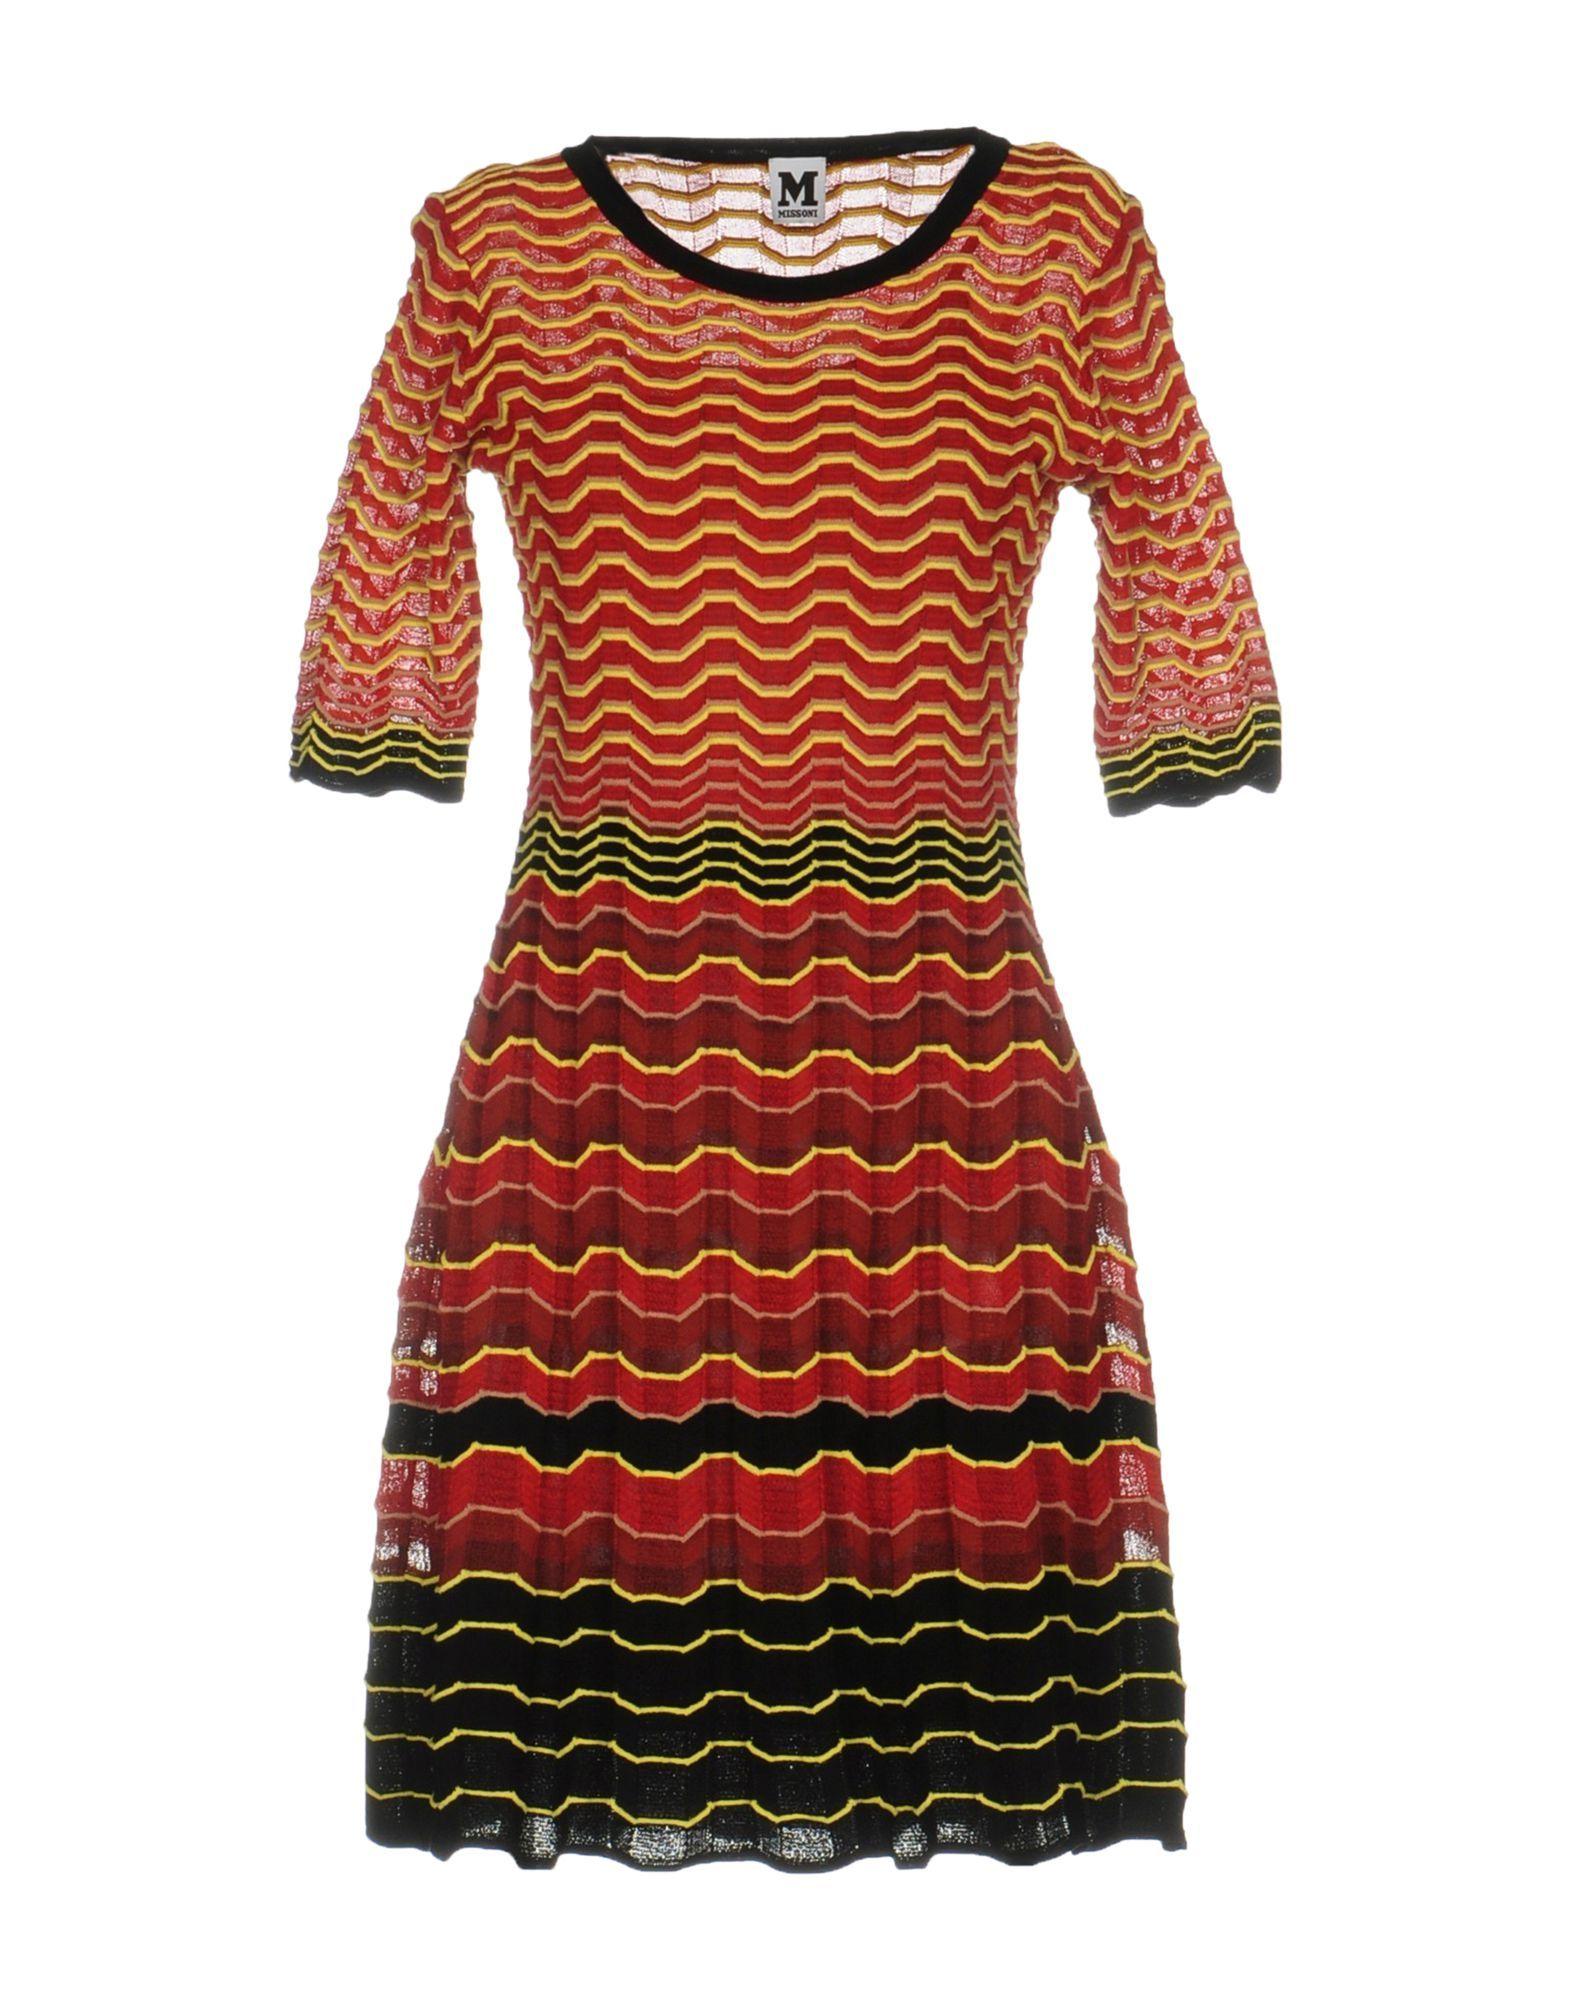 M Missoni Red Stripe Knit Dress